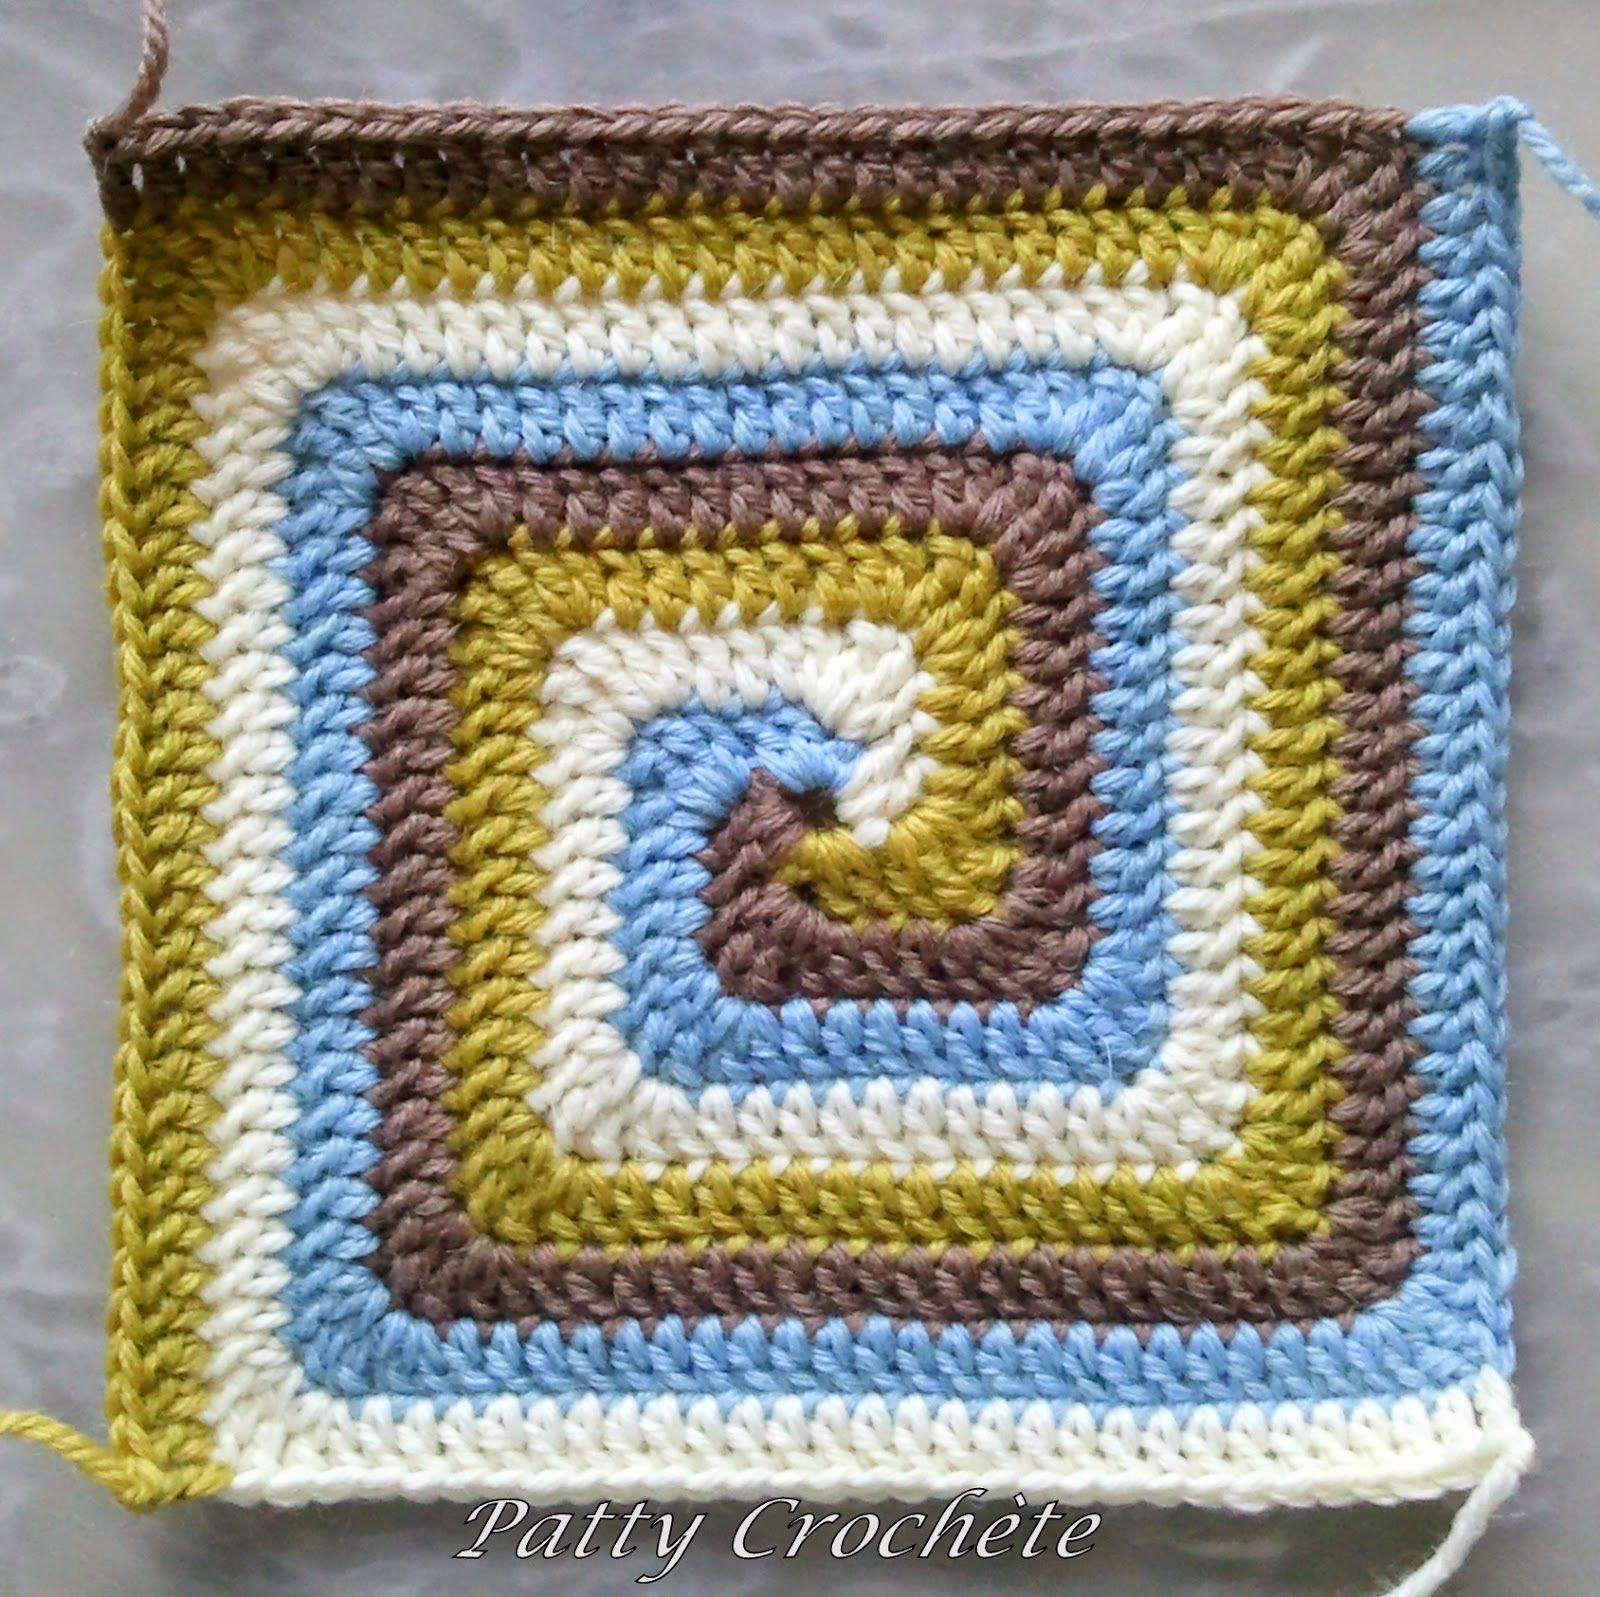 Cuadrado a crochet en espiral | Lana, tela y otras cosas lindas ...